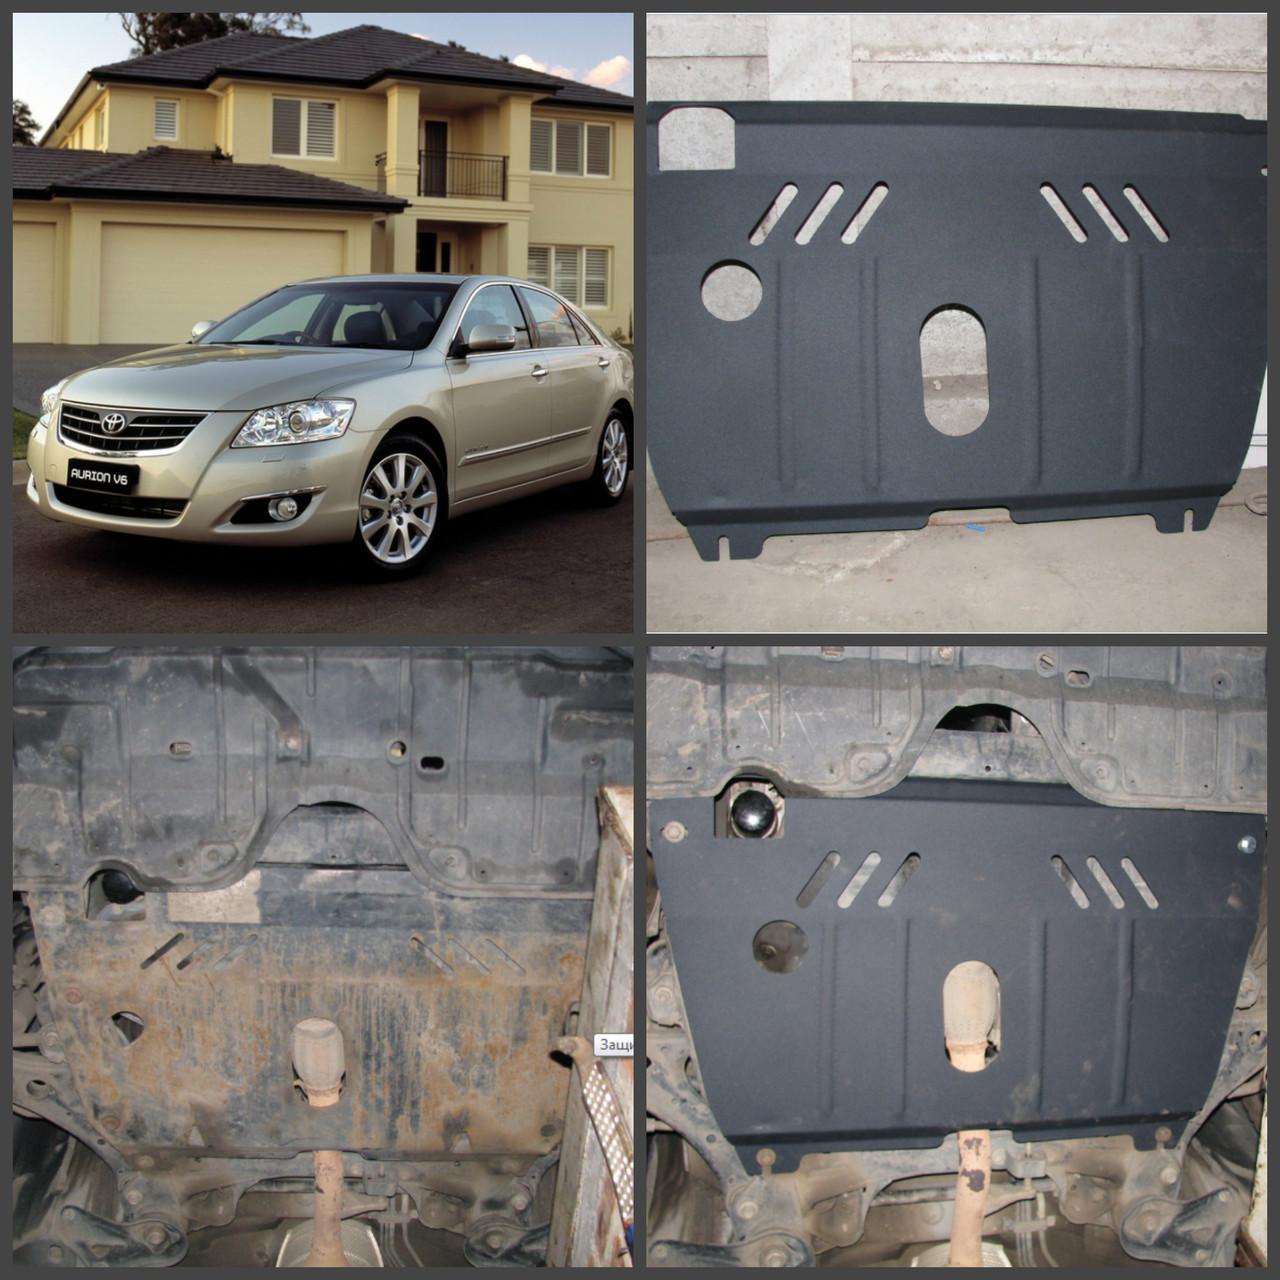 Защита двигателя Toyota RAV 4 III (2005-2012) V-2,0; 2,5; 3,5 АКПП/МКПП (двигатель, КПП: радиатор)